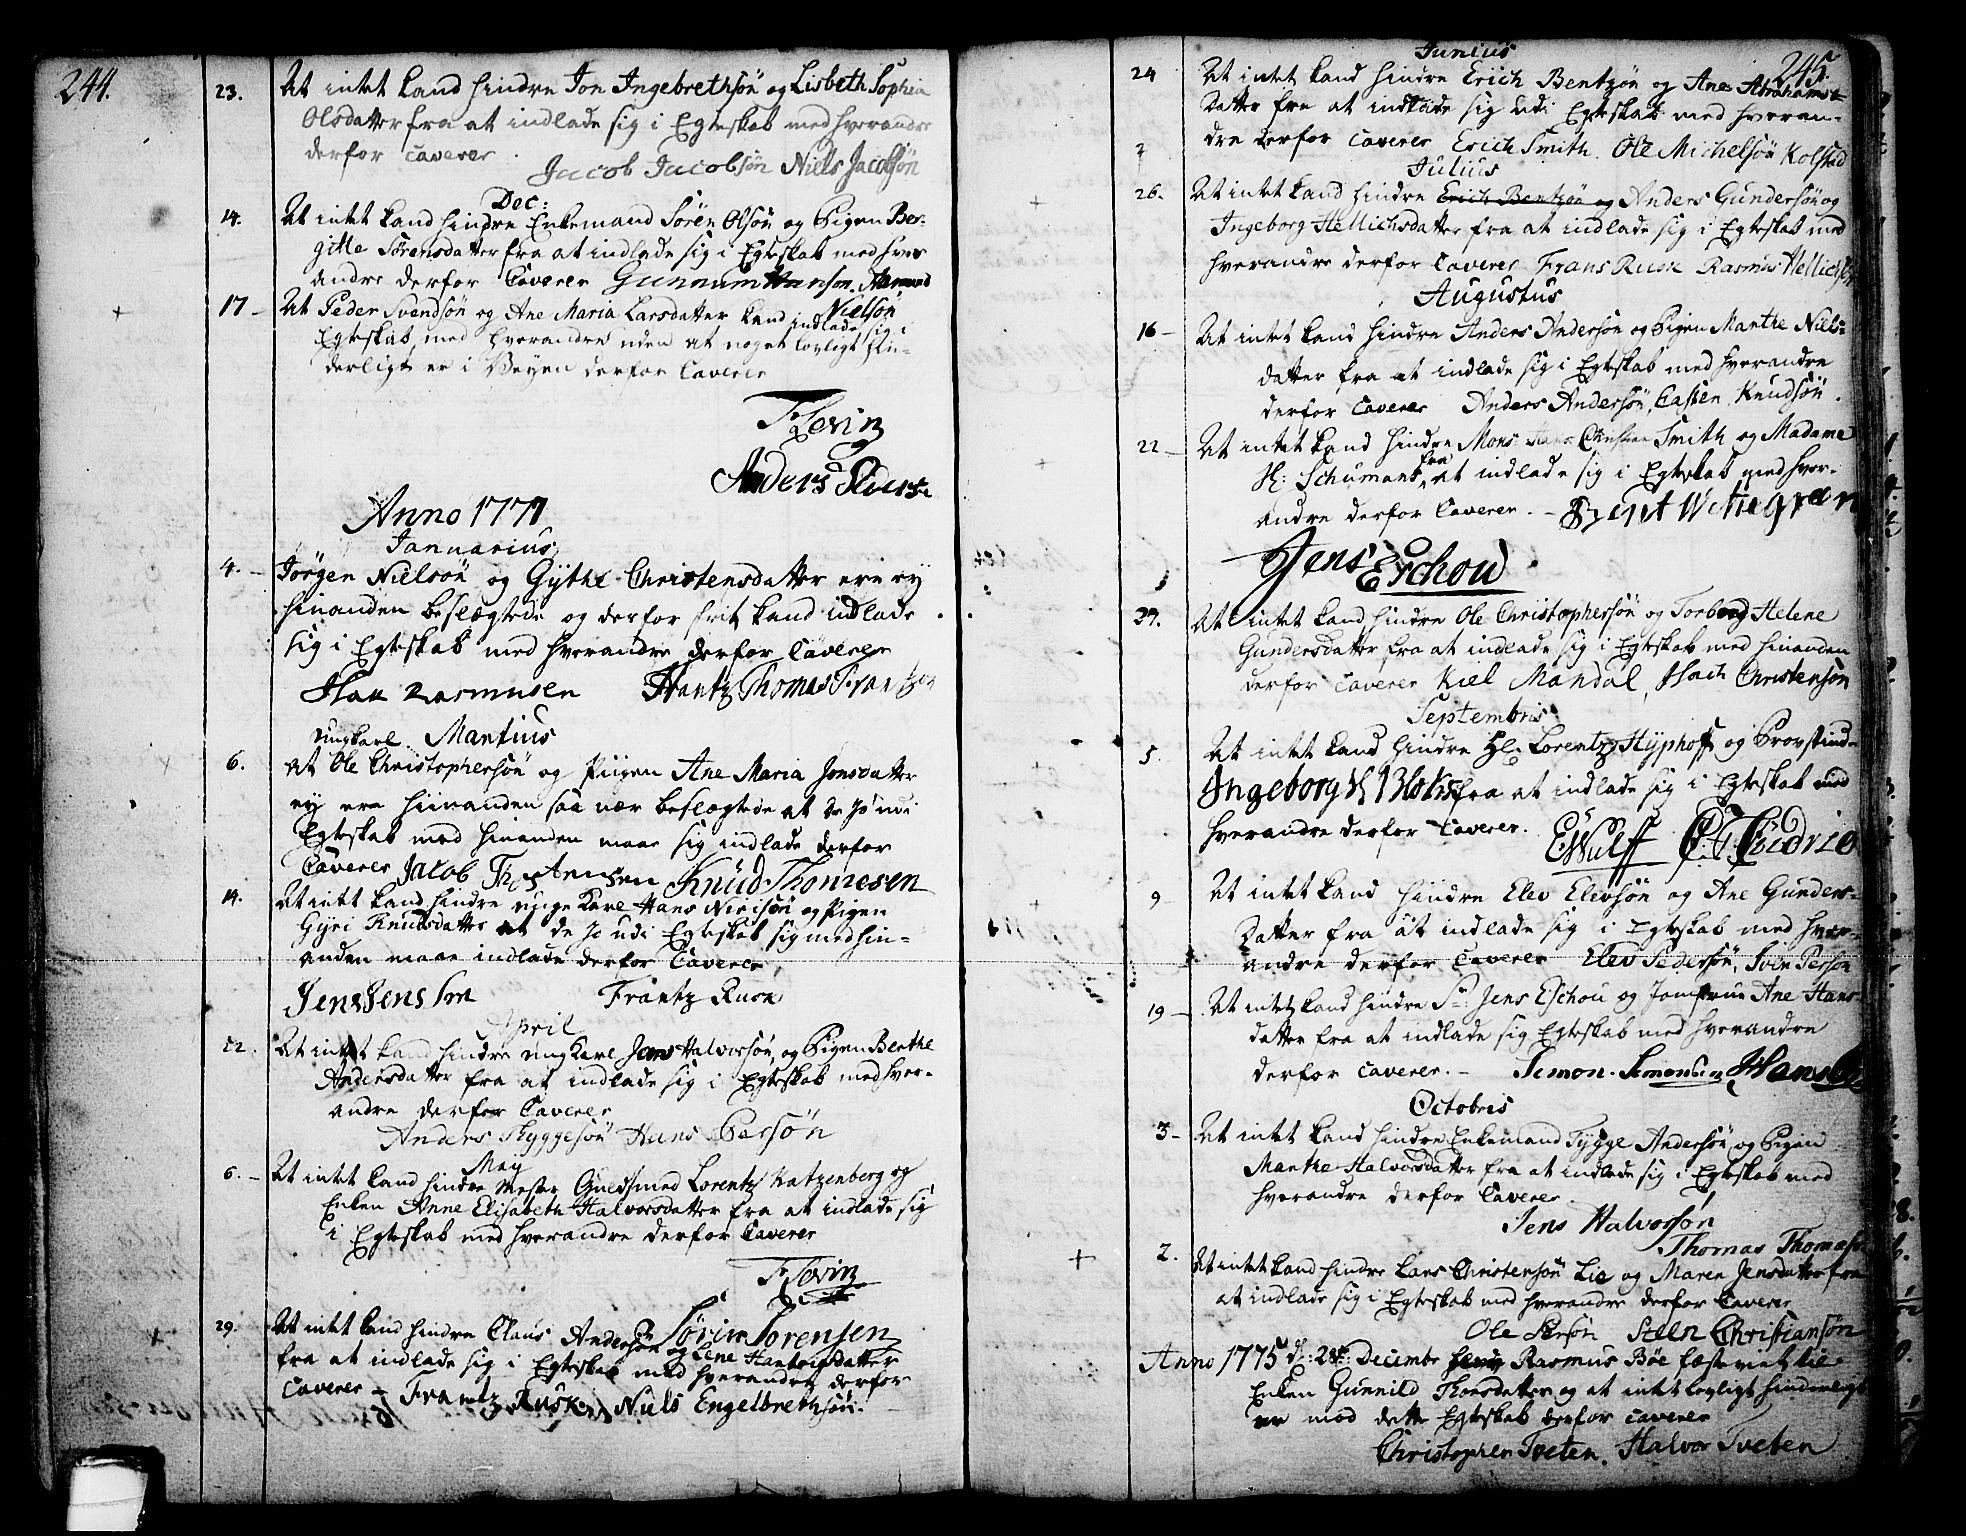 SAKO, Skien kirkebøker, F/Fa/L0003: Ministerialbok nr. 3, 1755-1791, s. 244-245